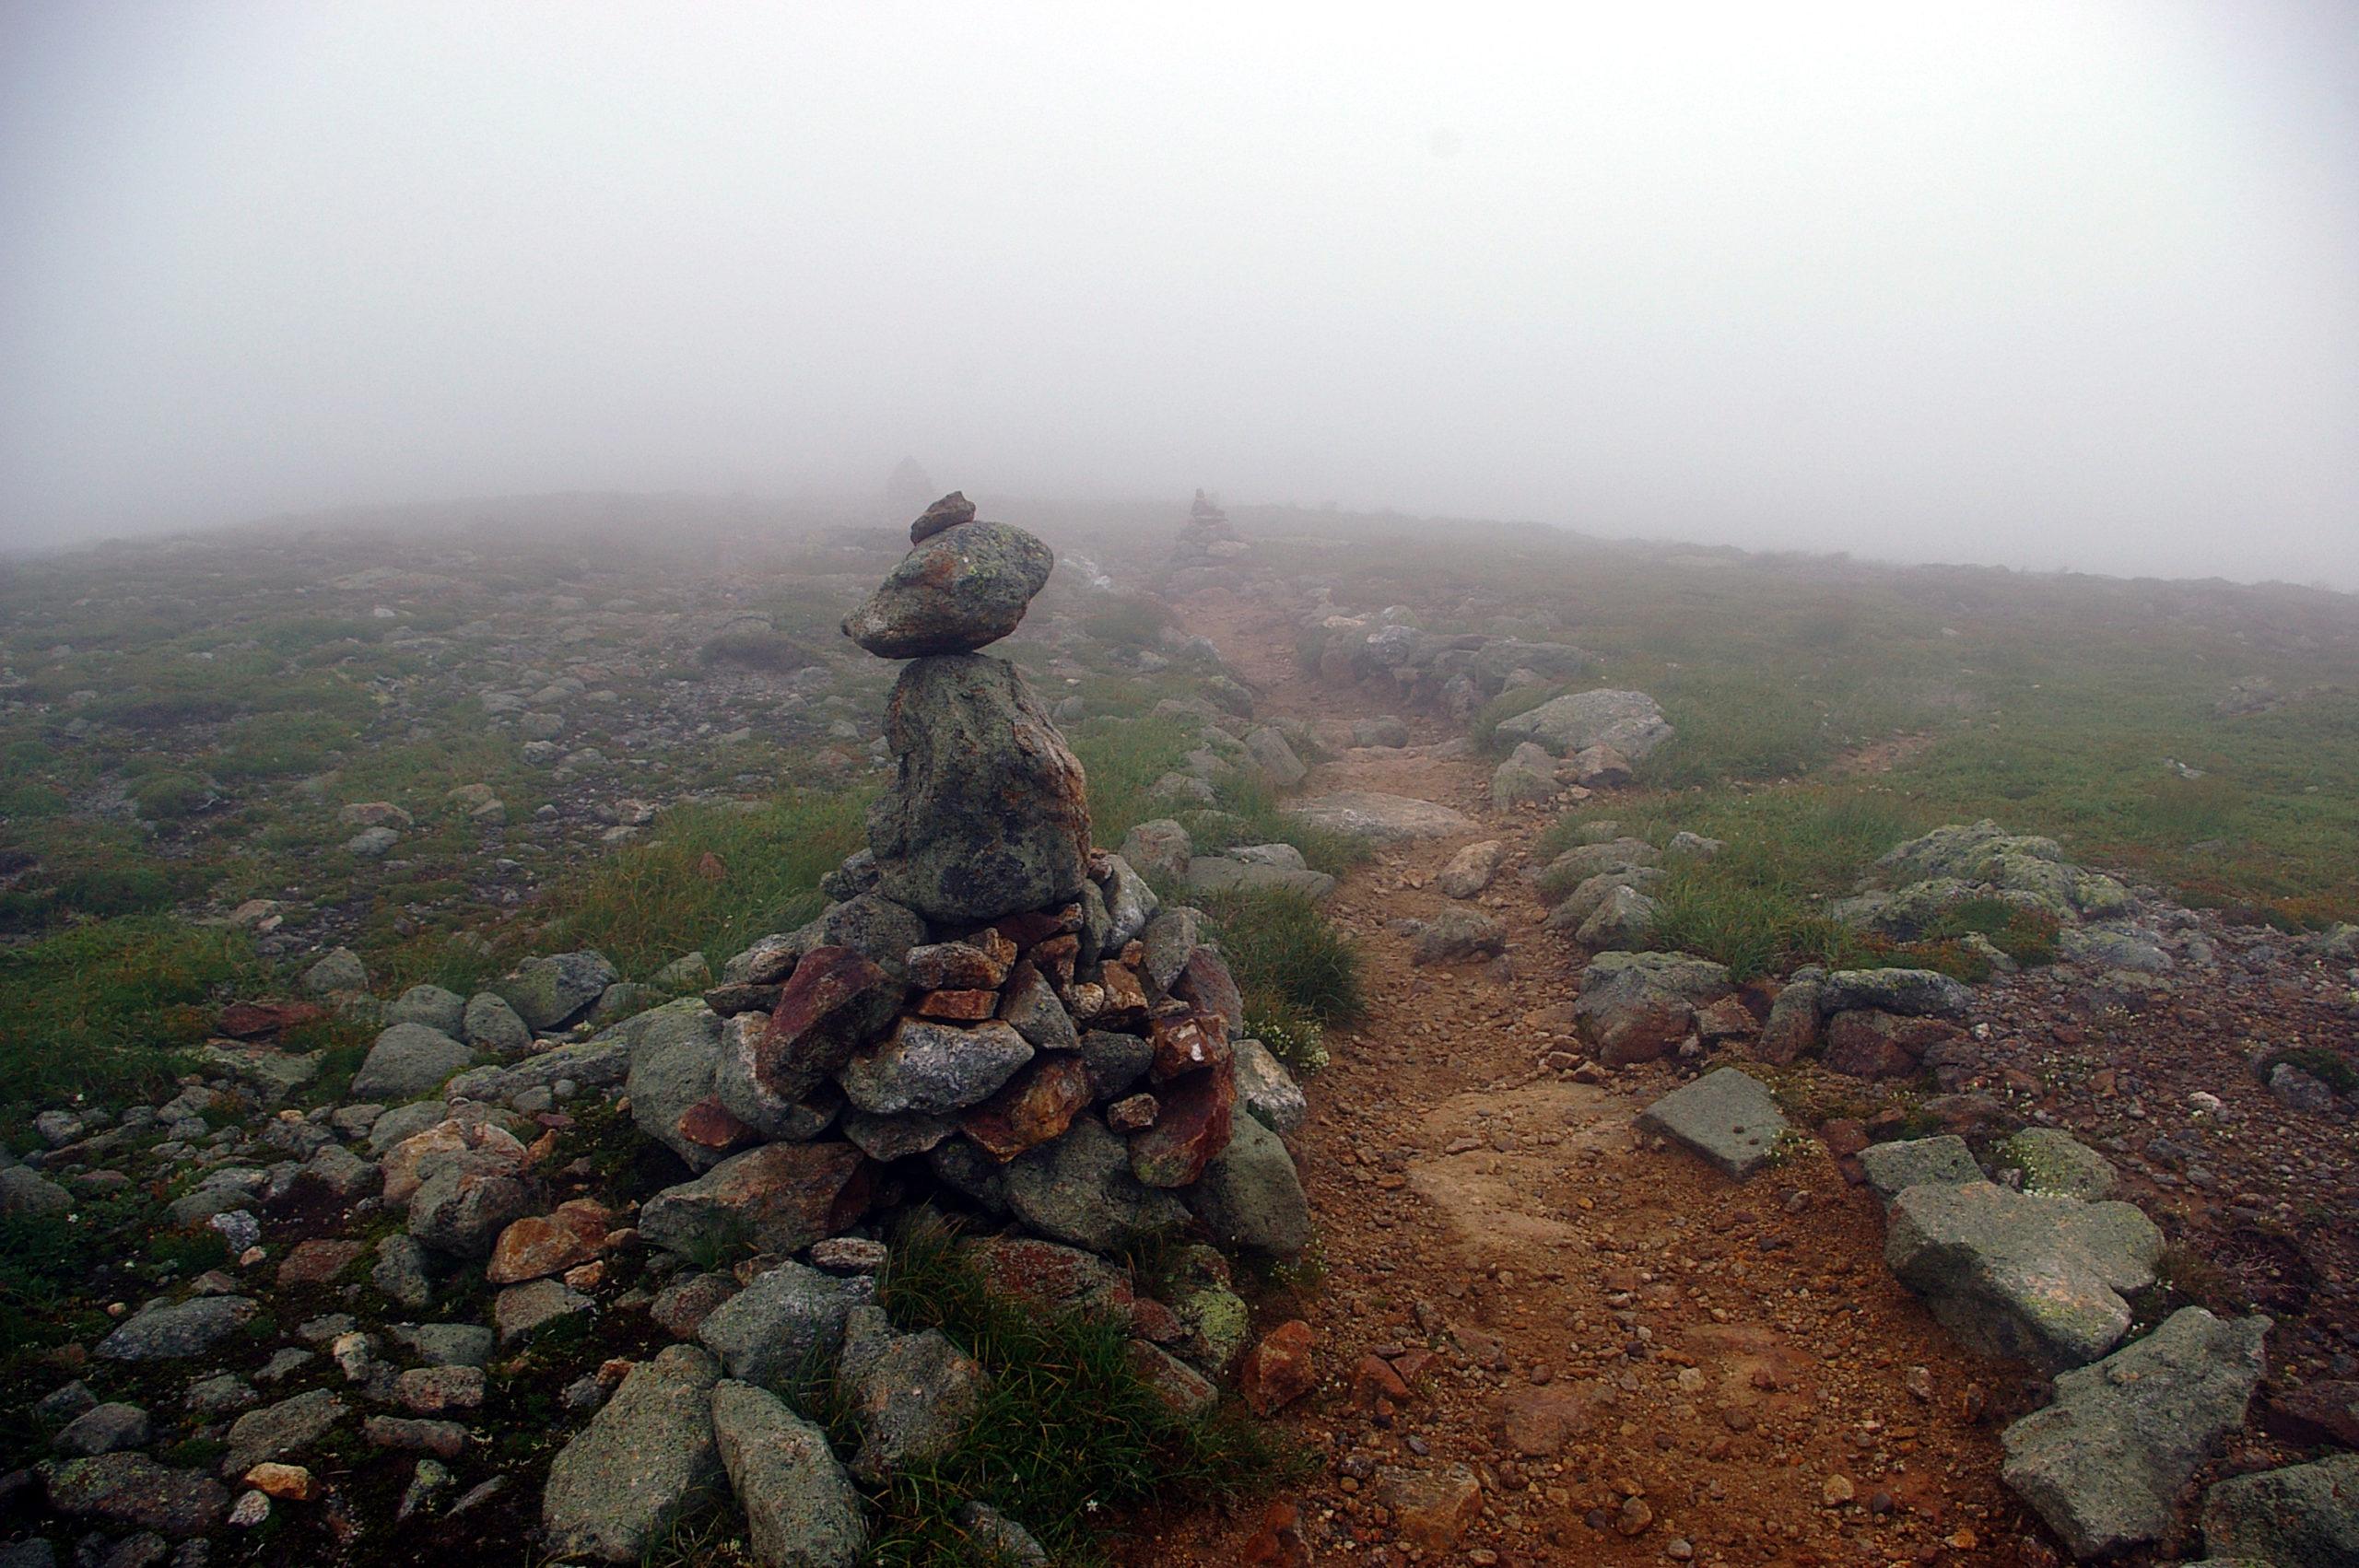 Appalachian Trail in Fog